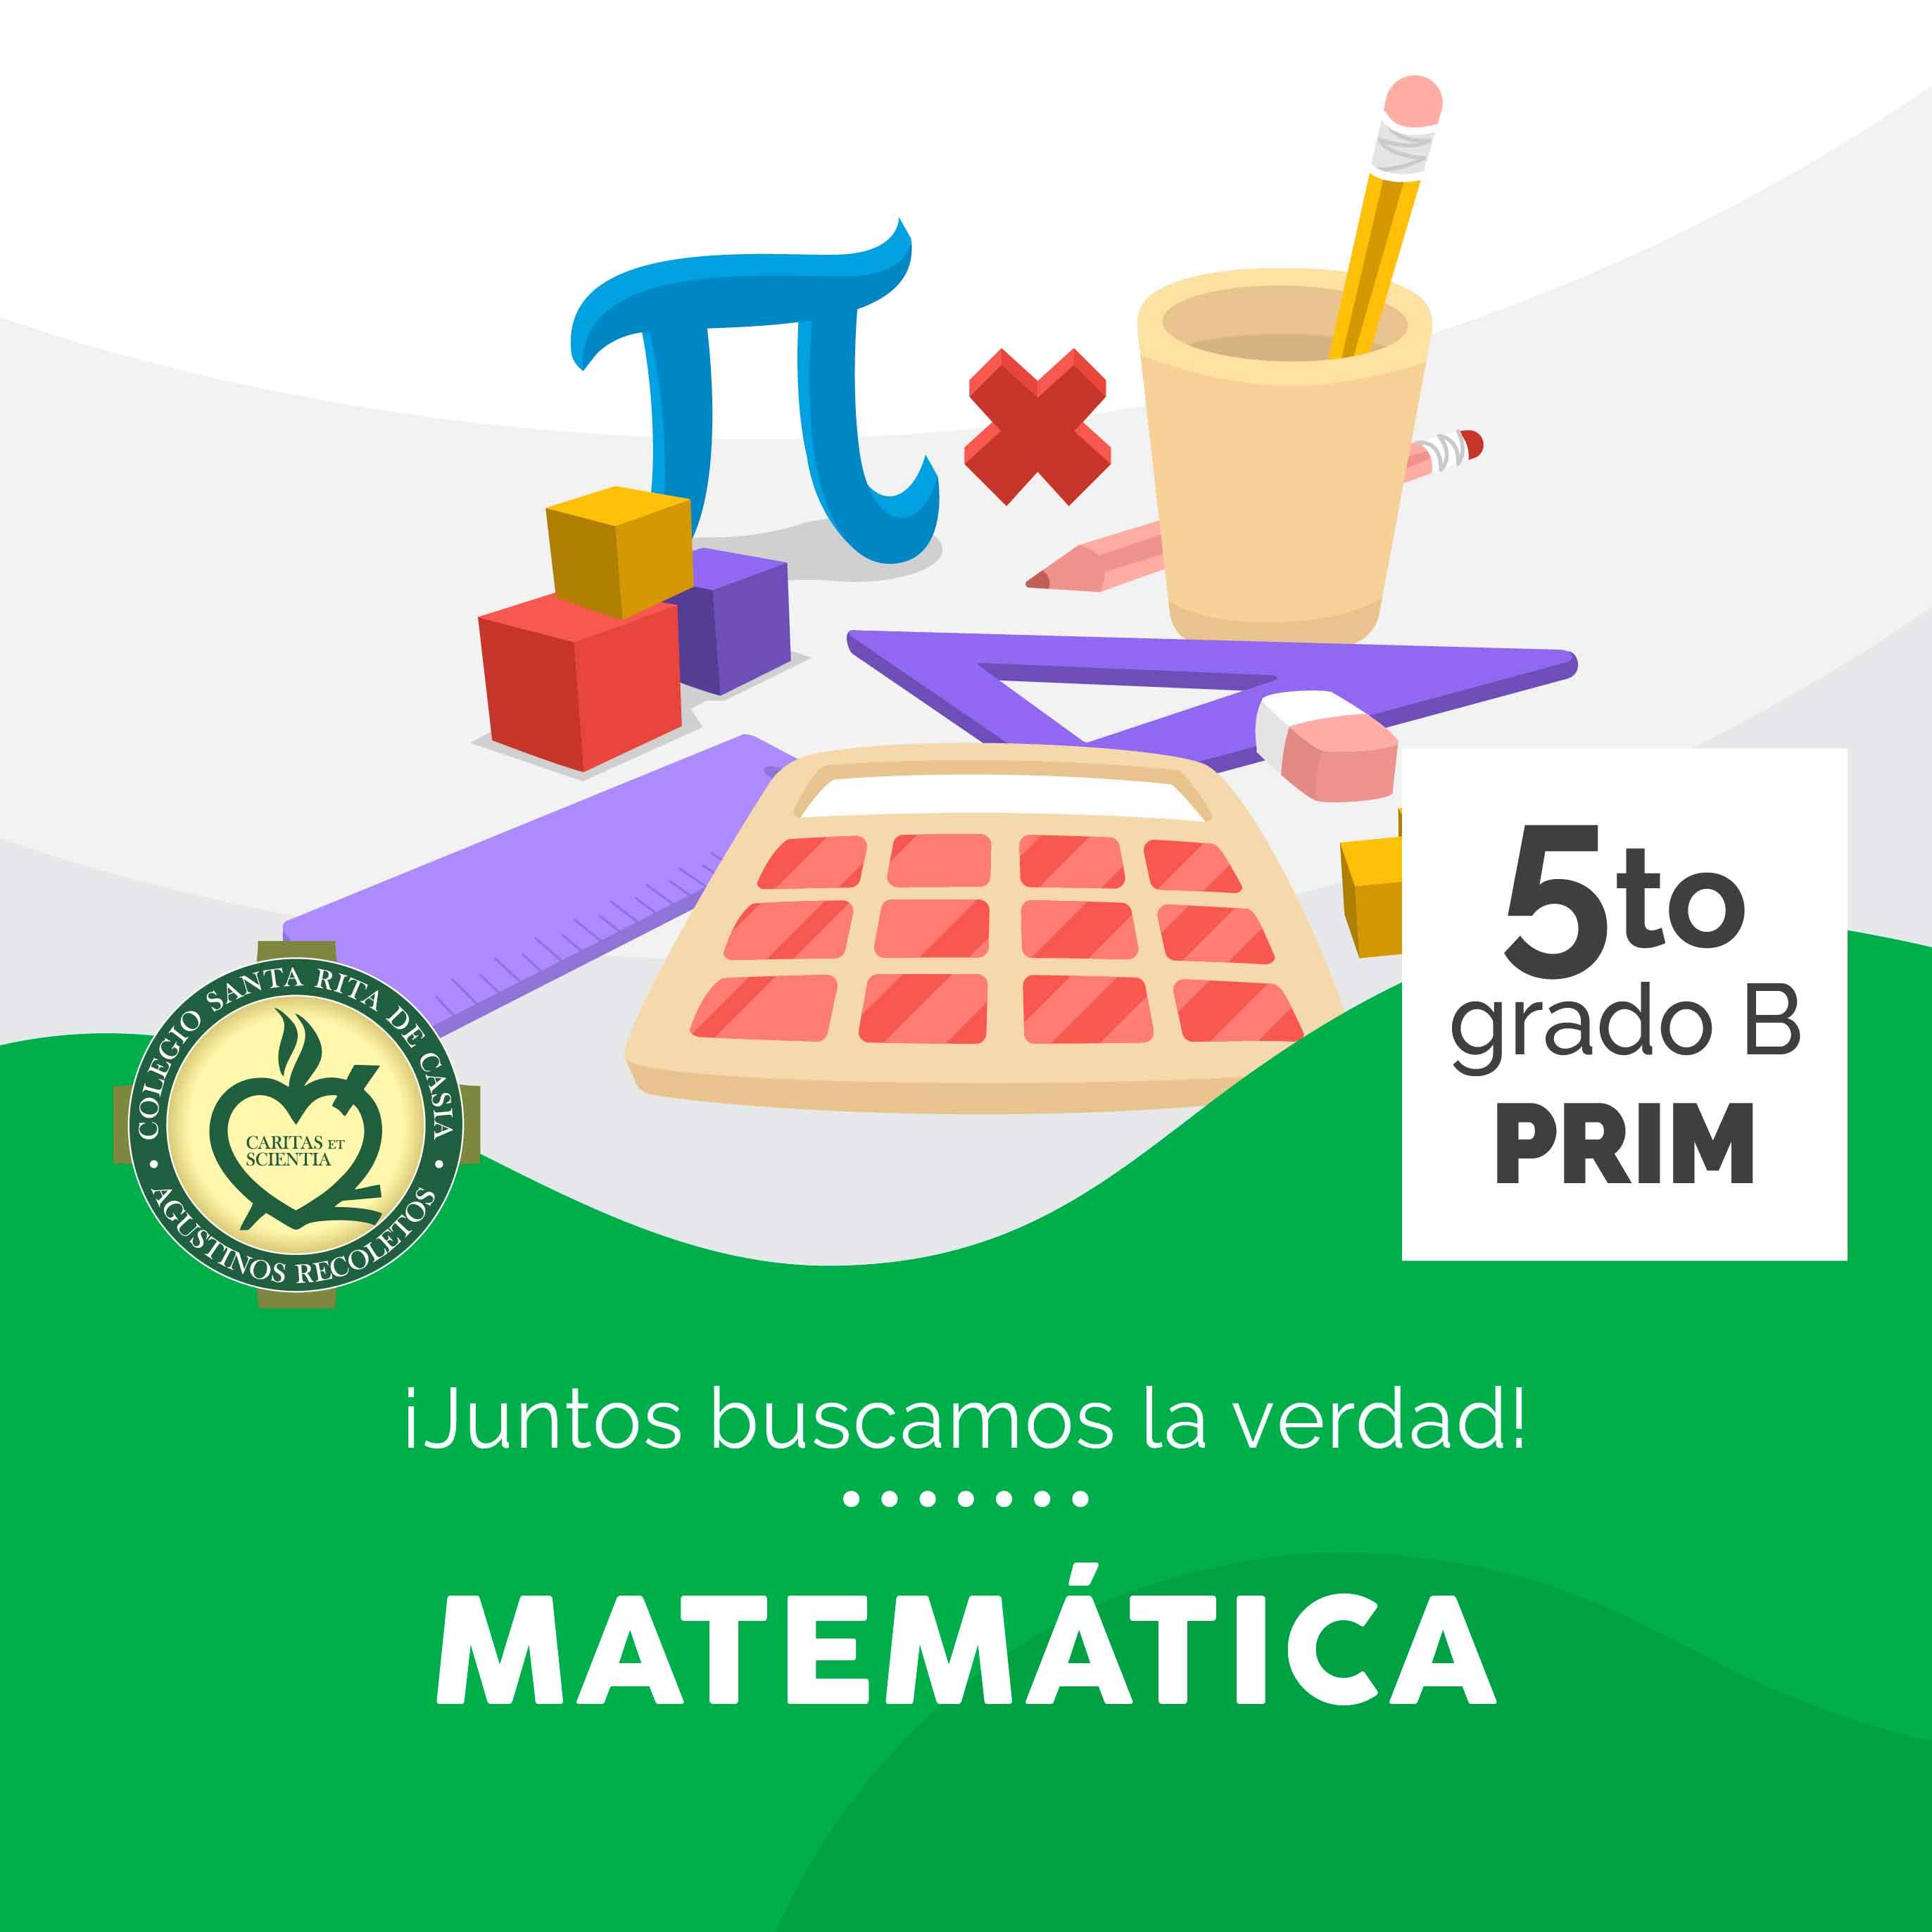 Matemática 5to Grado B